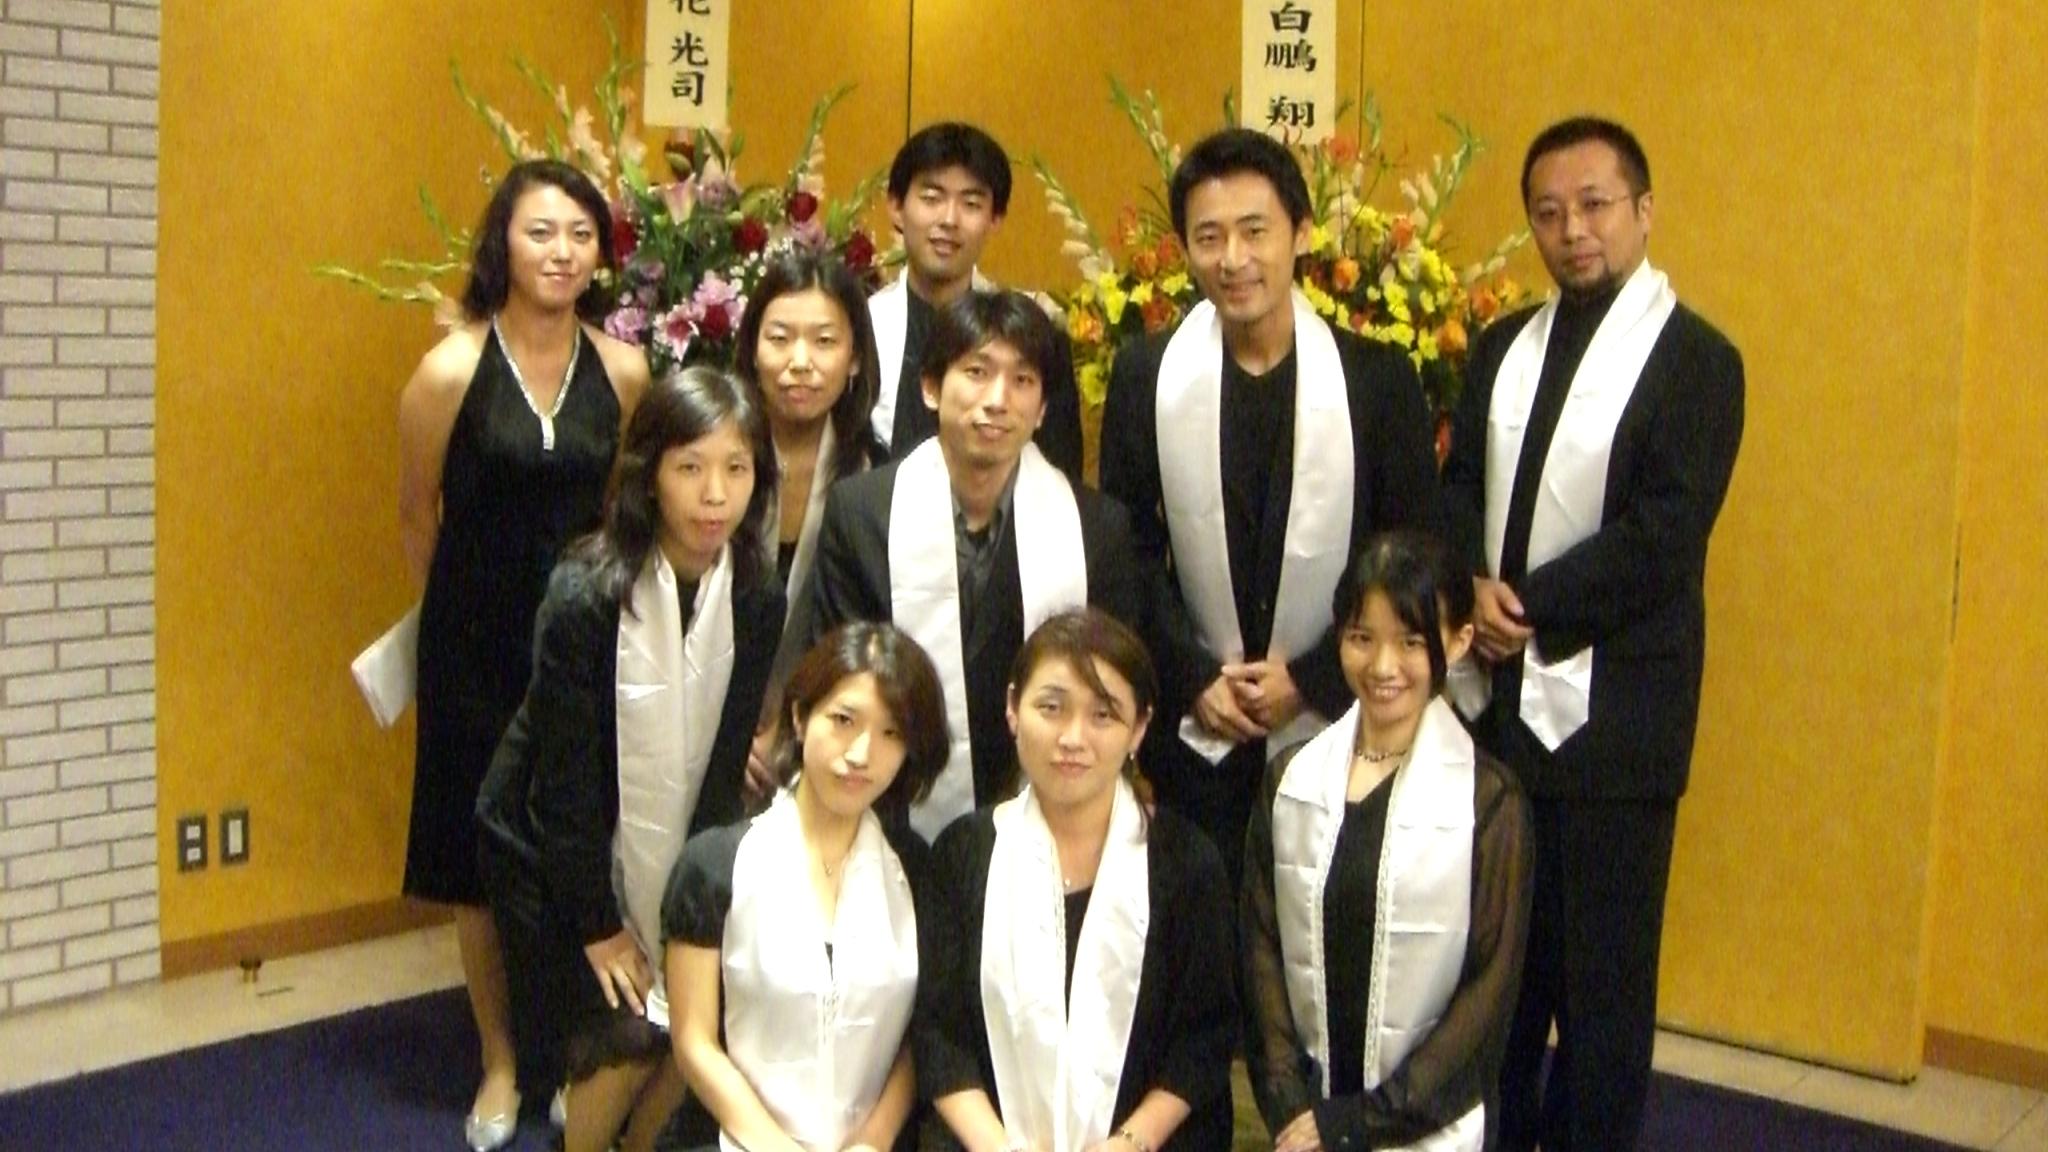 【有志合唱ゴスペル隊】知人の披露宴にて、琴欧州関の目の前で歌う!